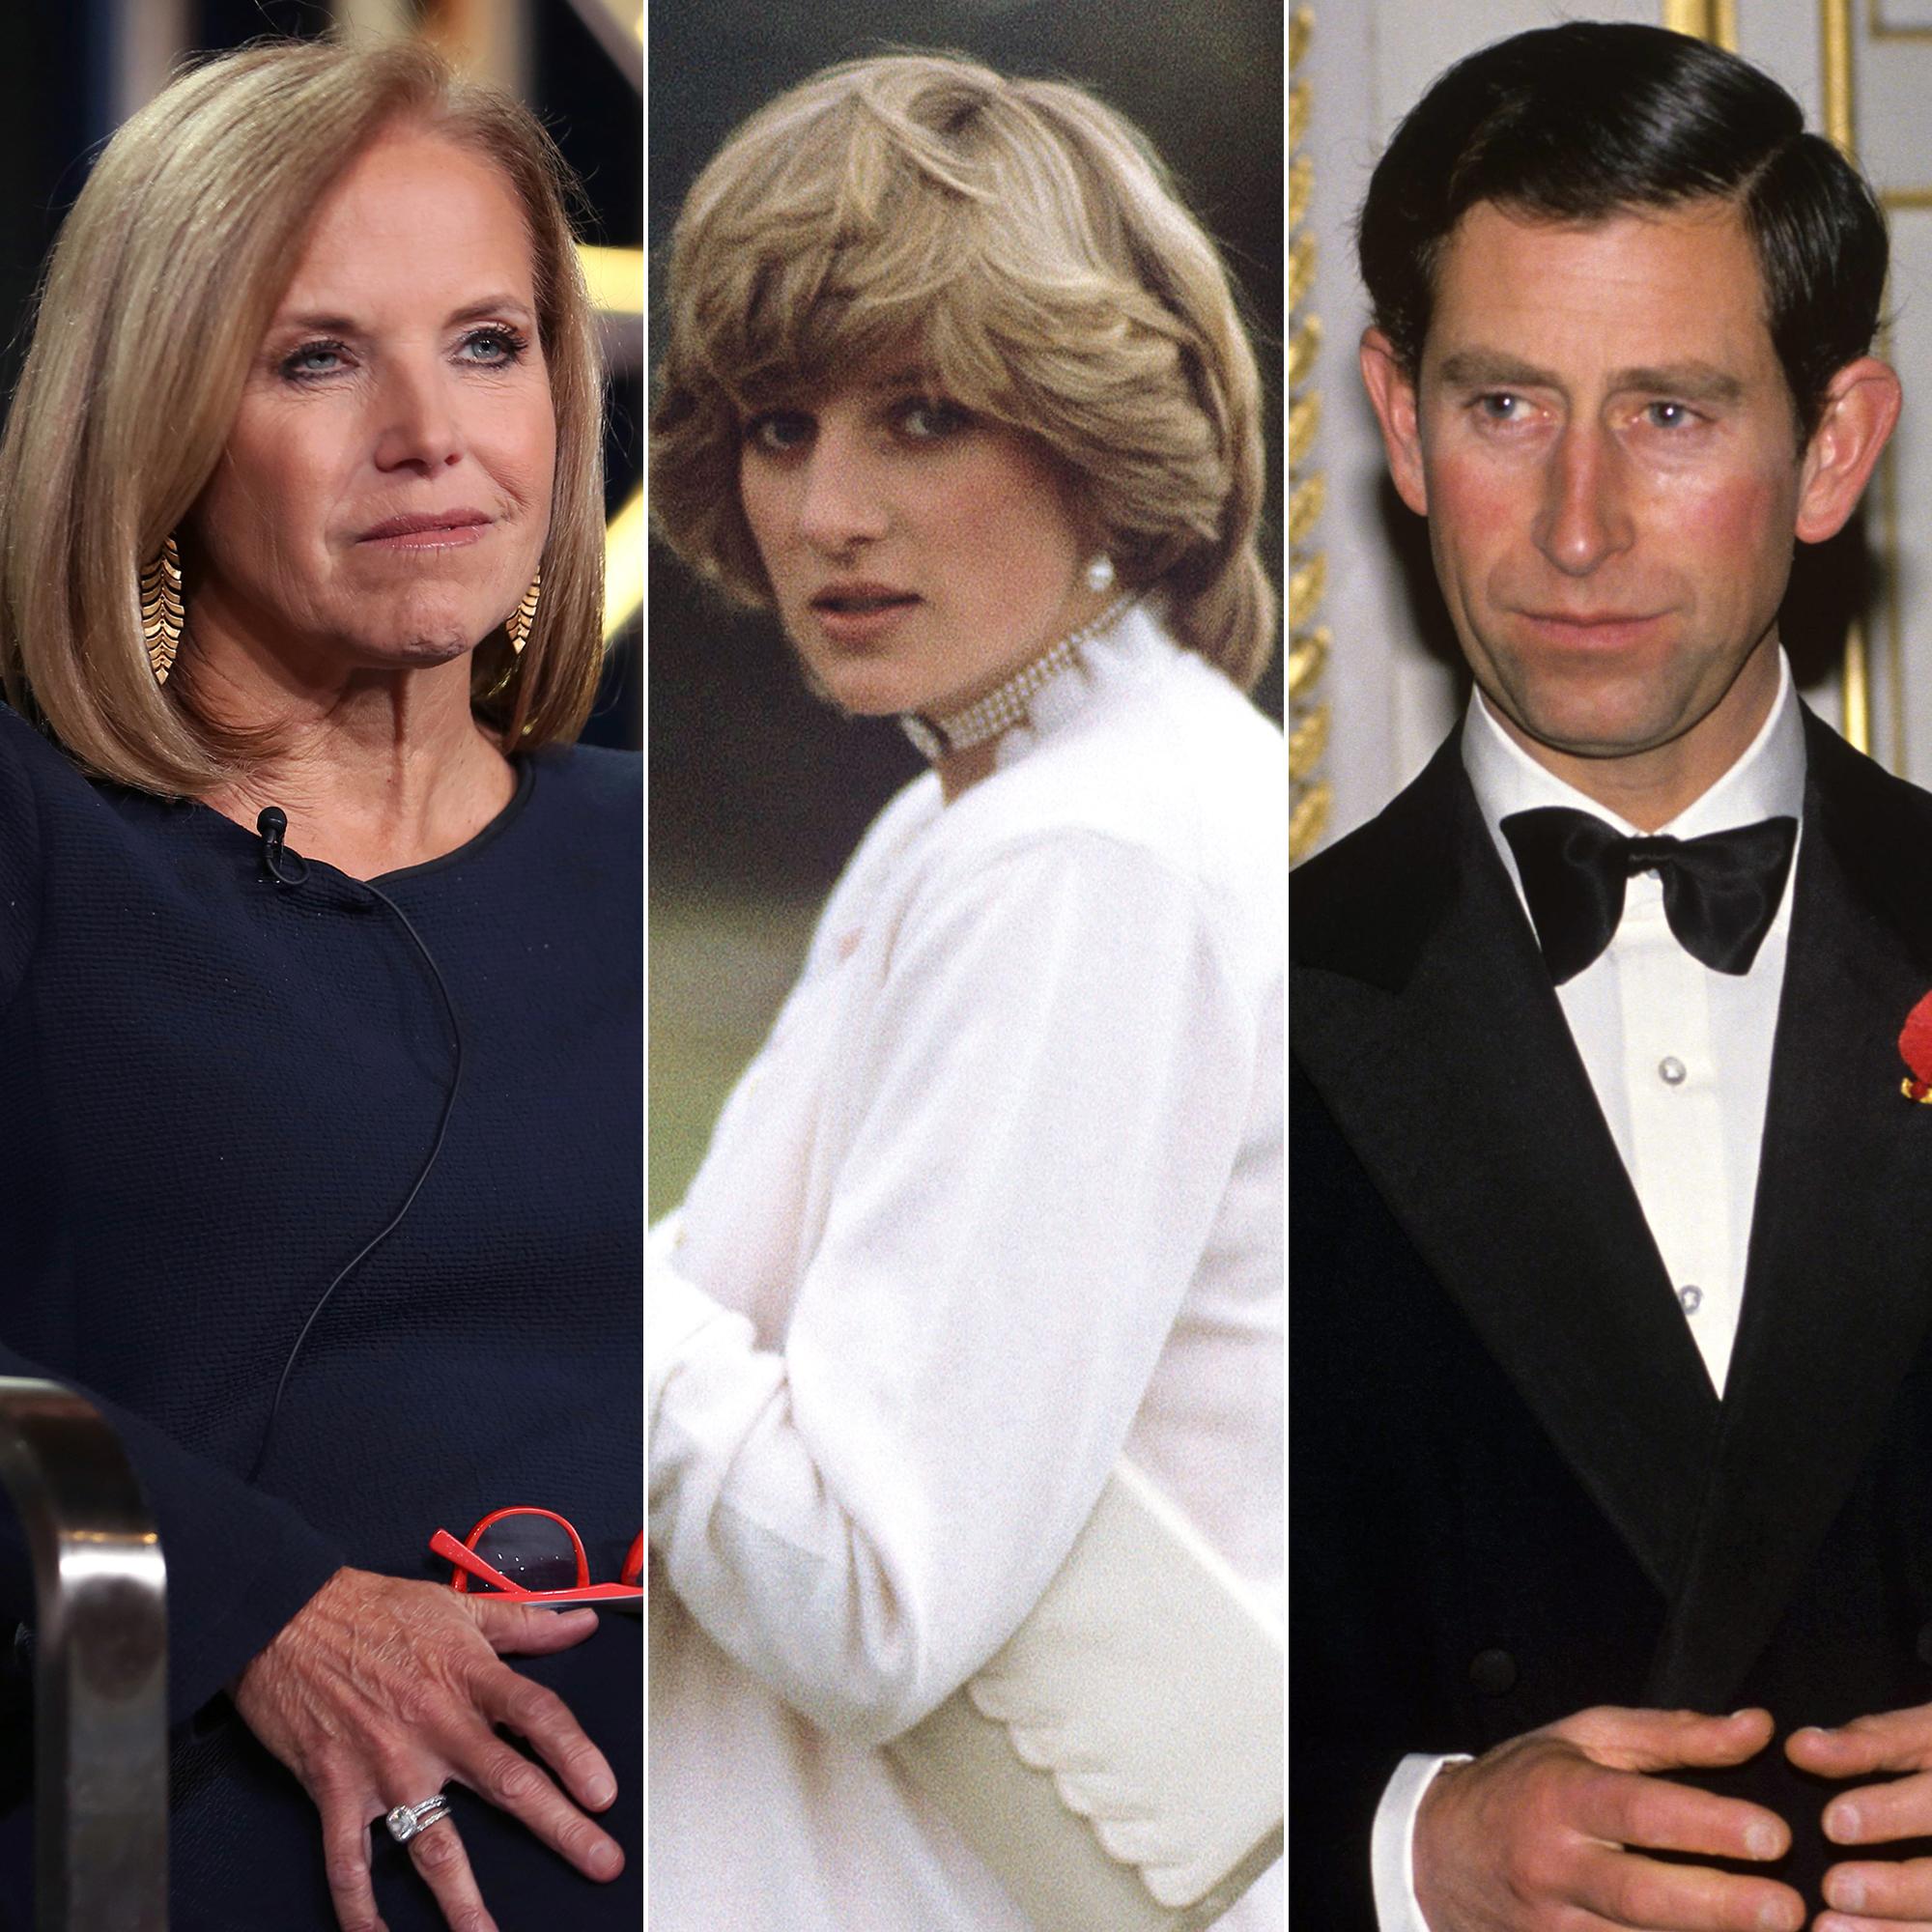 Katie Couric Recalls Princess Diana's Heartbreak Over Prince Charles Divorce